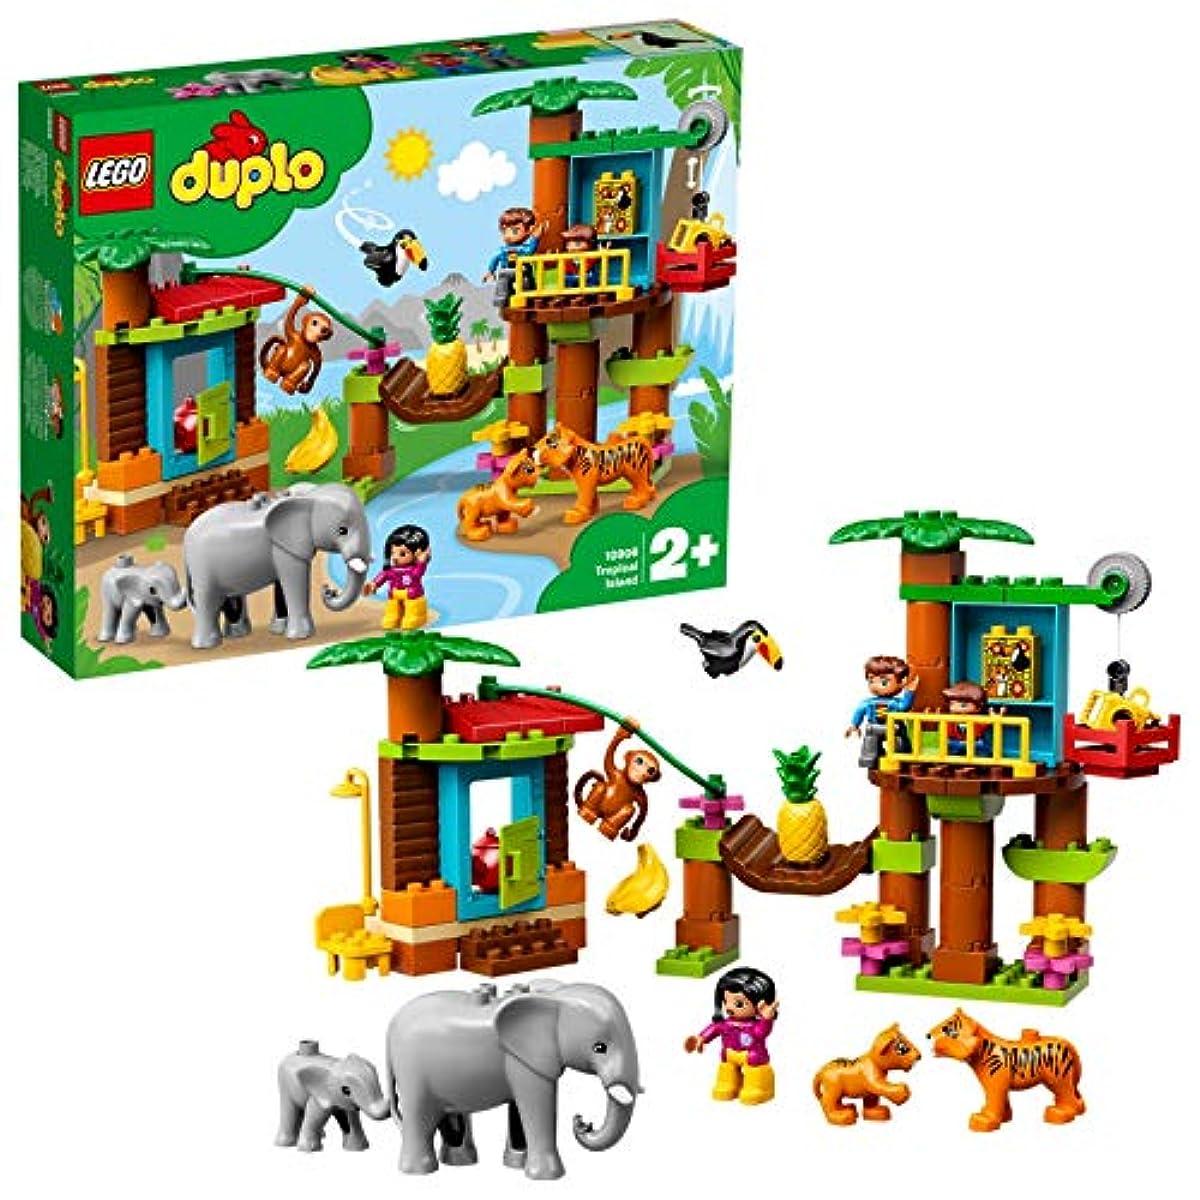 [해외] 레고(LEGO) 듀플로 세계의 동물 정글 탐험 10906 교육 완구 블럭 장난감 소녀 사내 아이